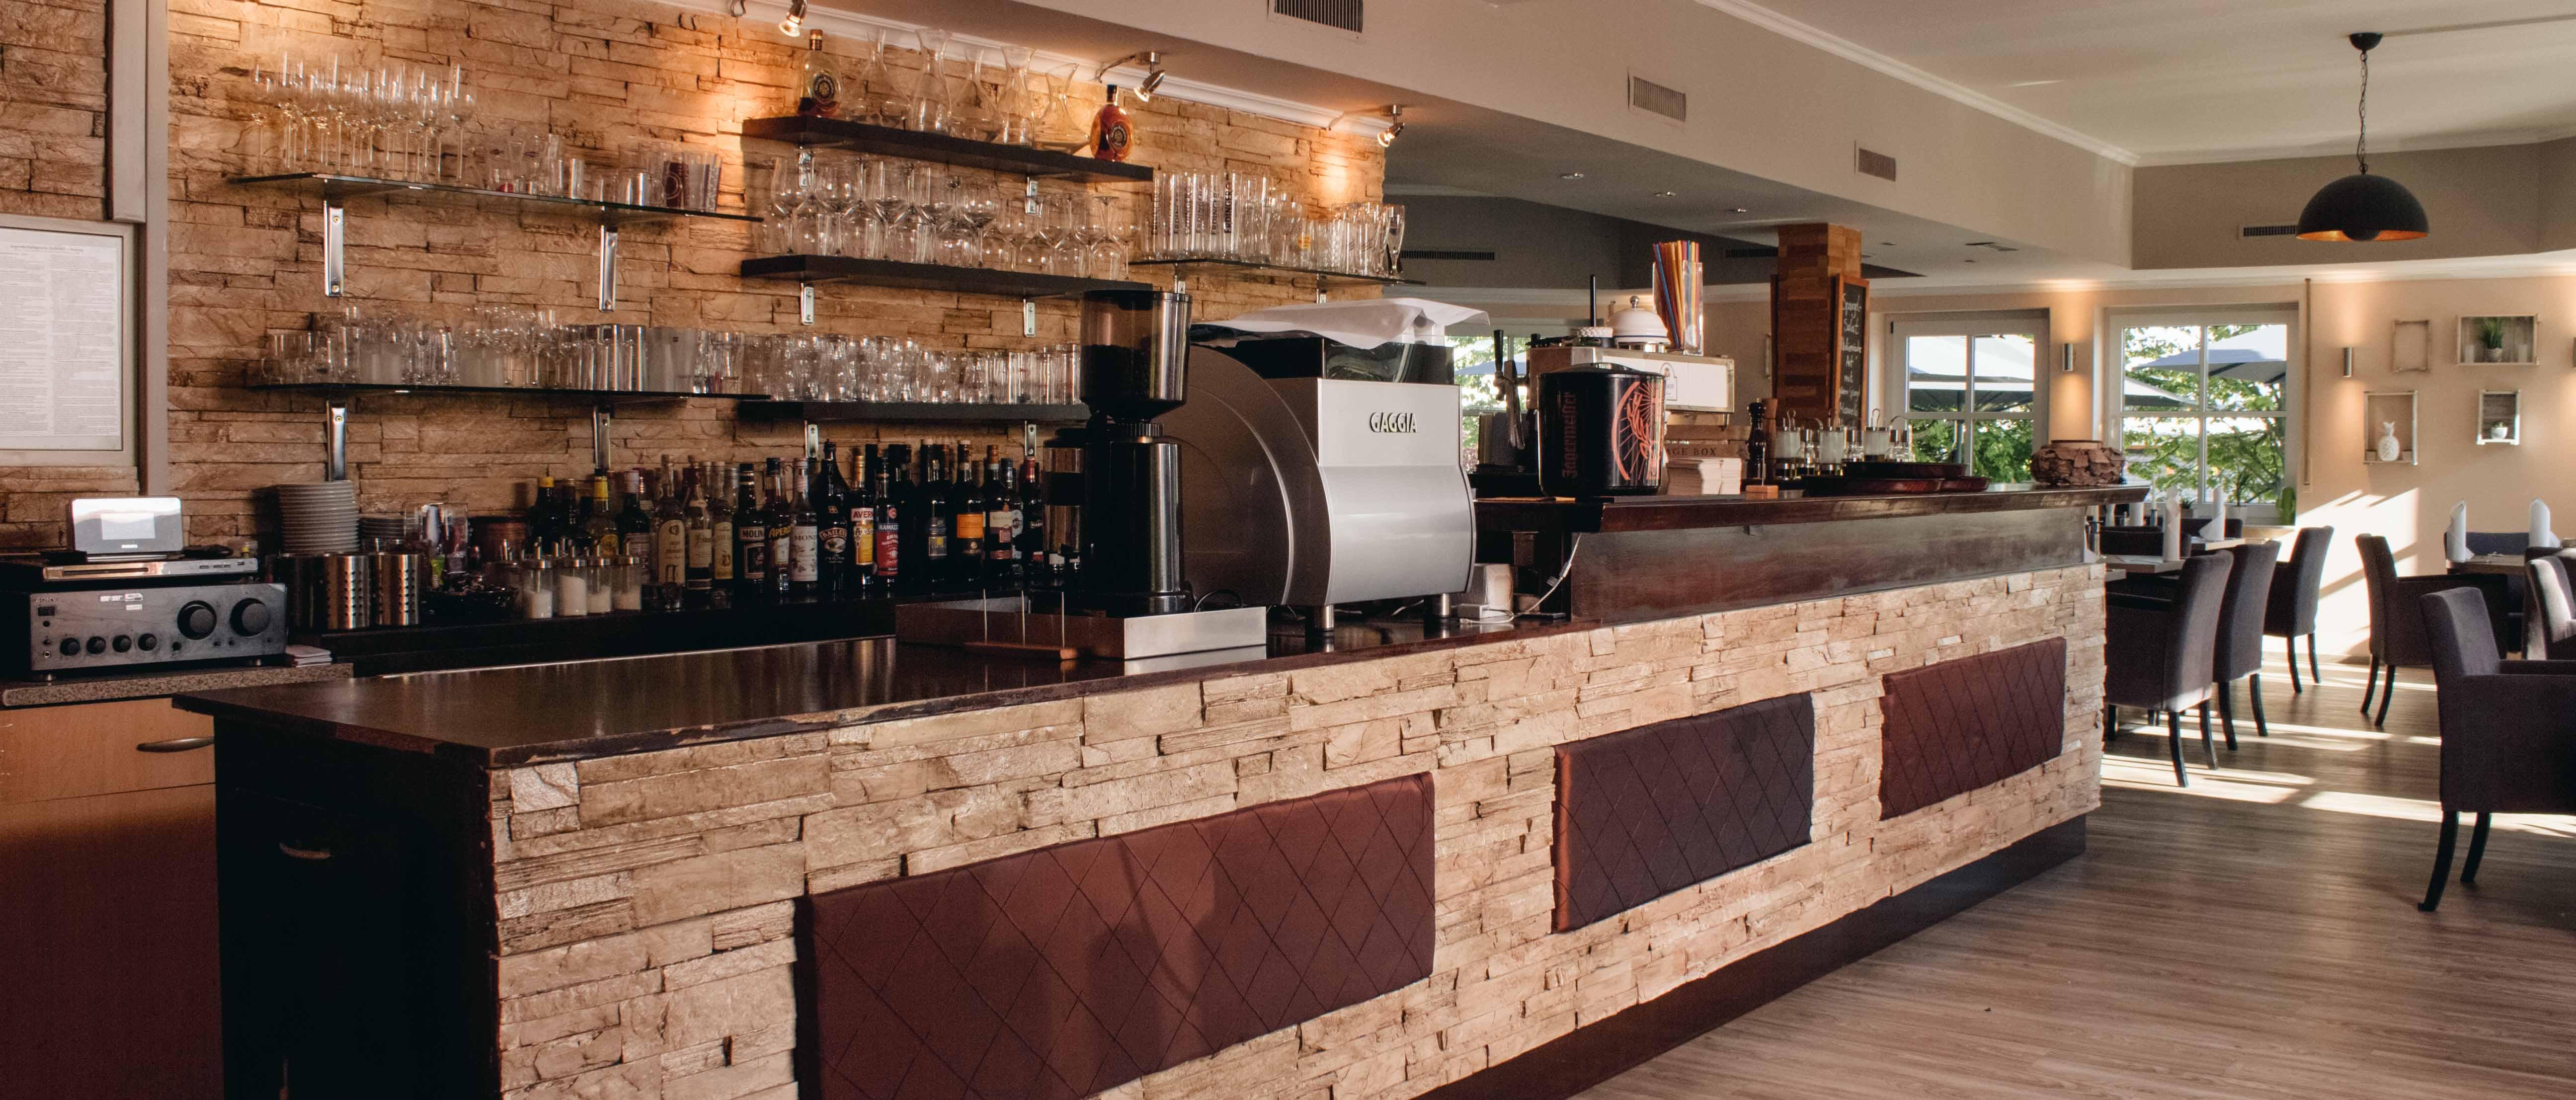 La Taverna Staufenberg